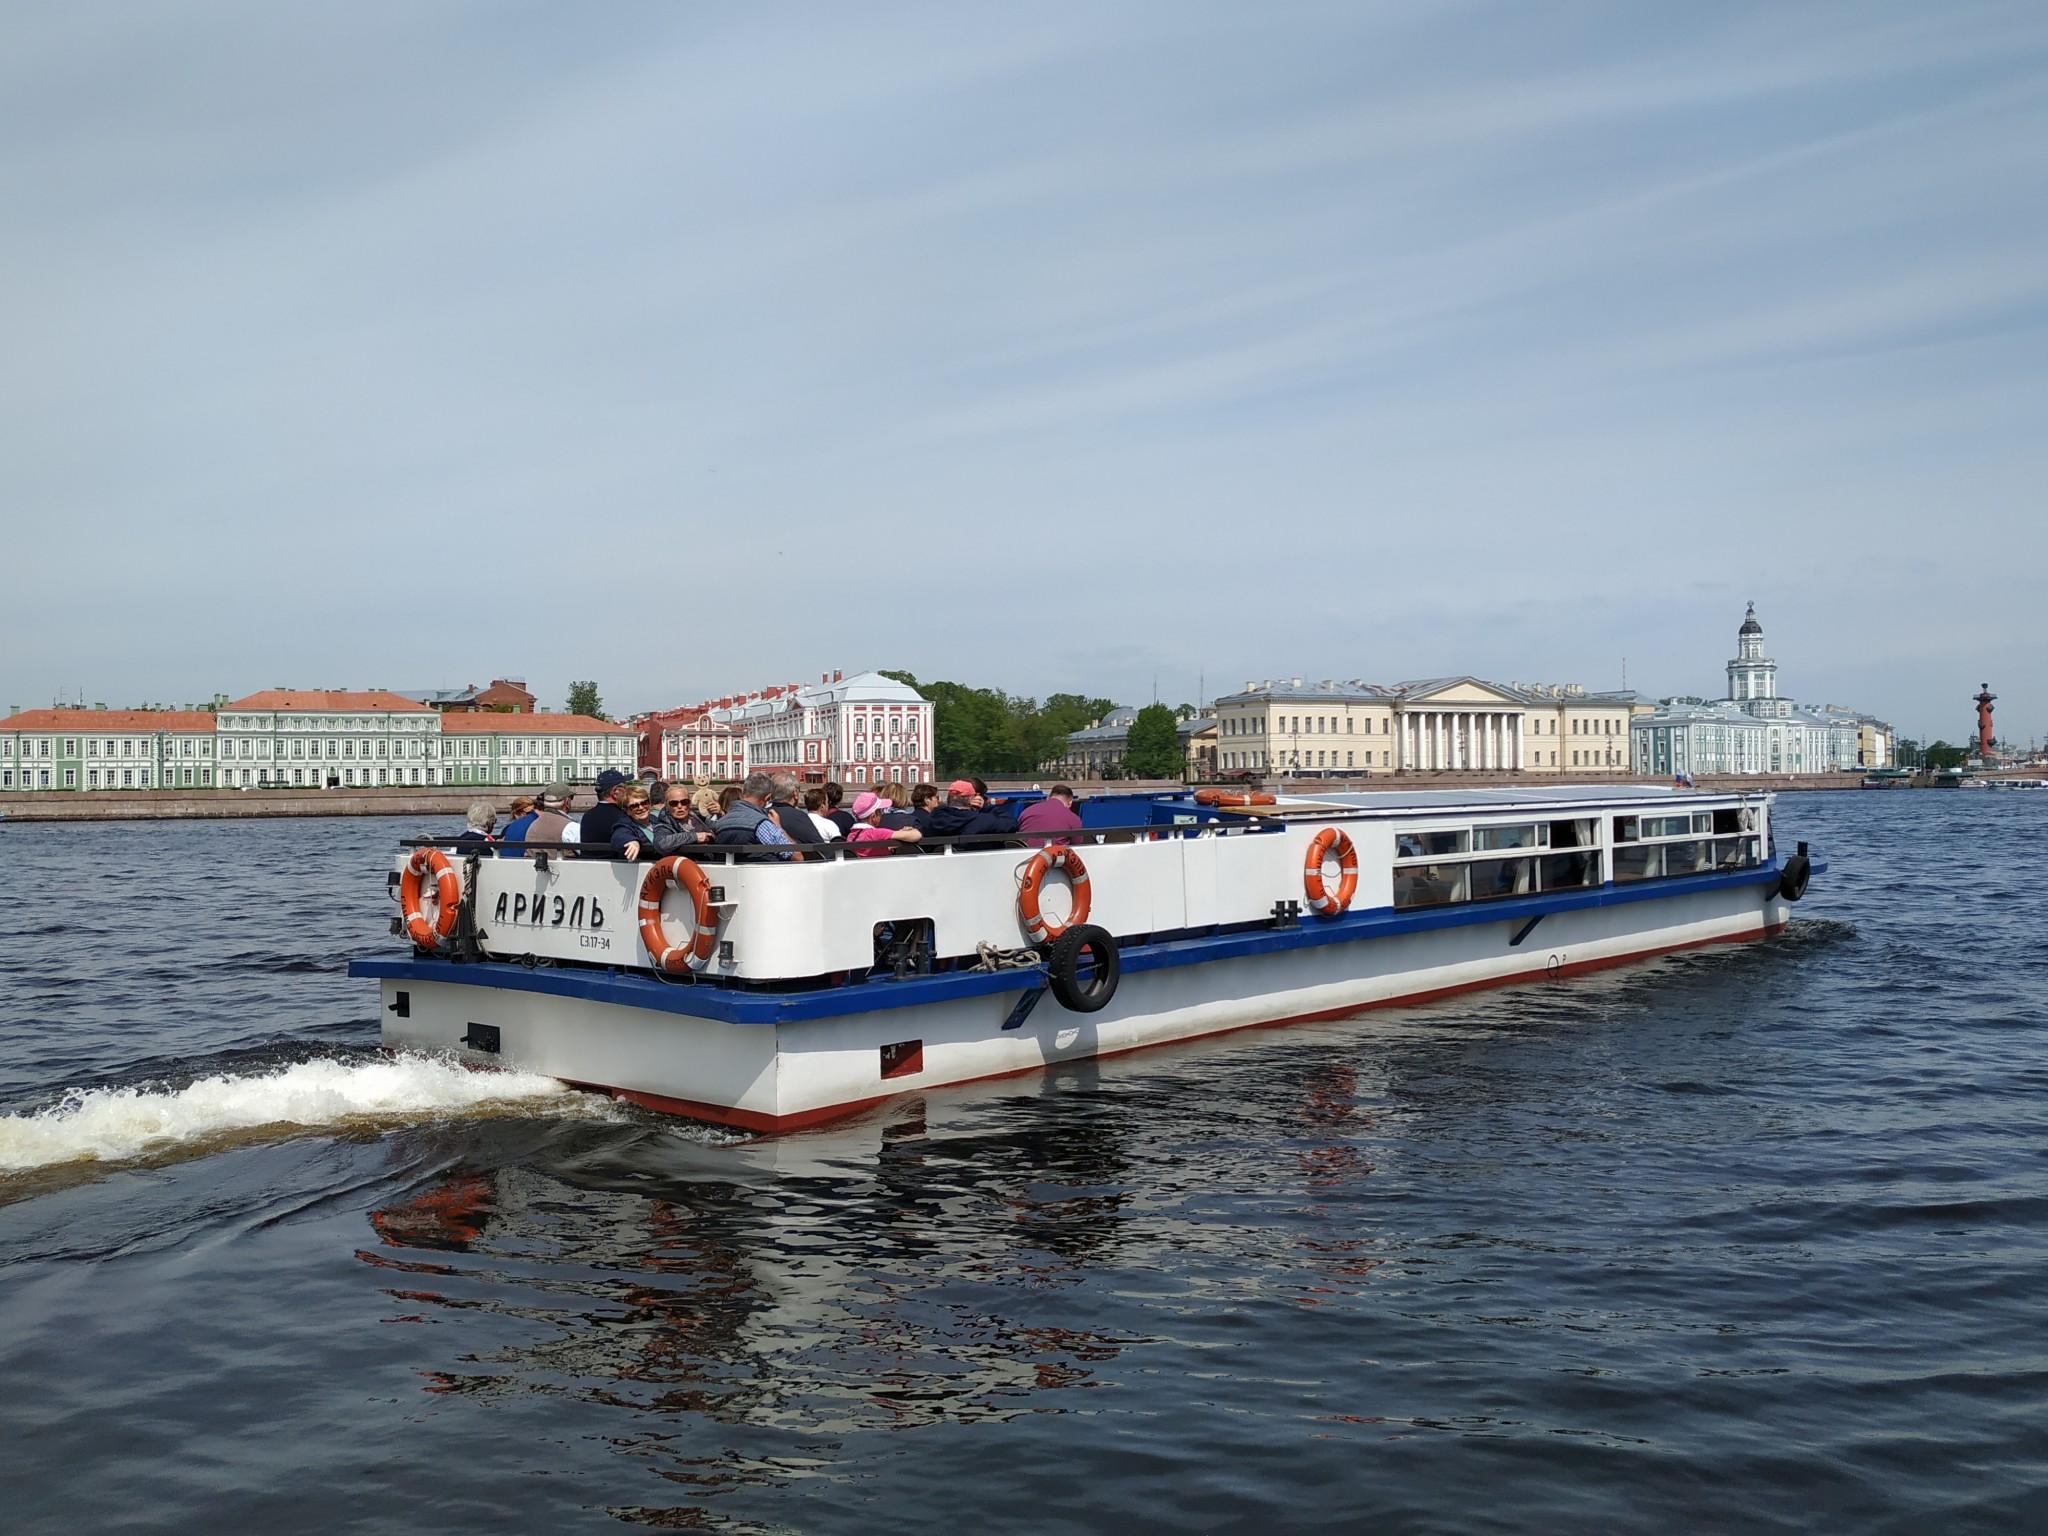 Petersbourg35